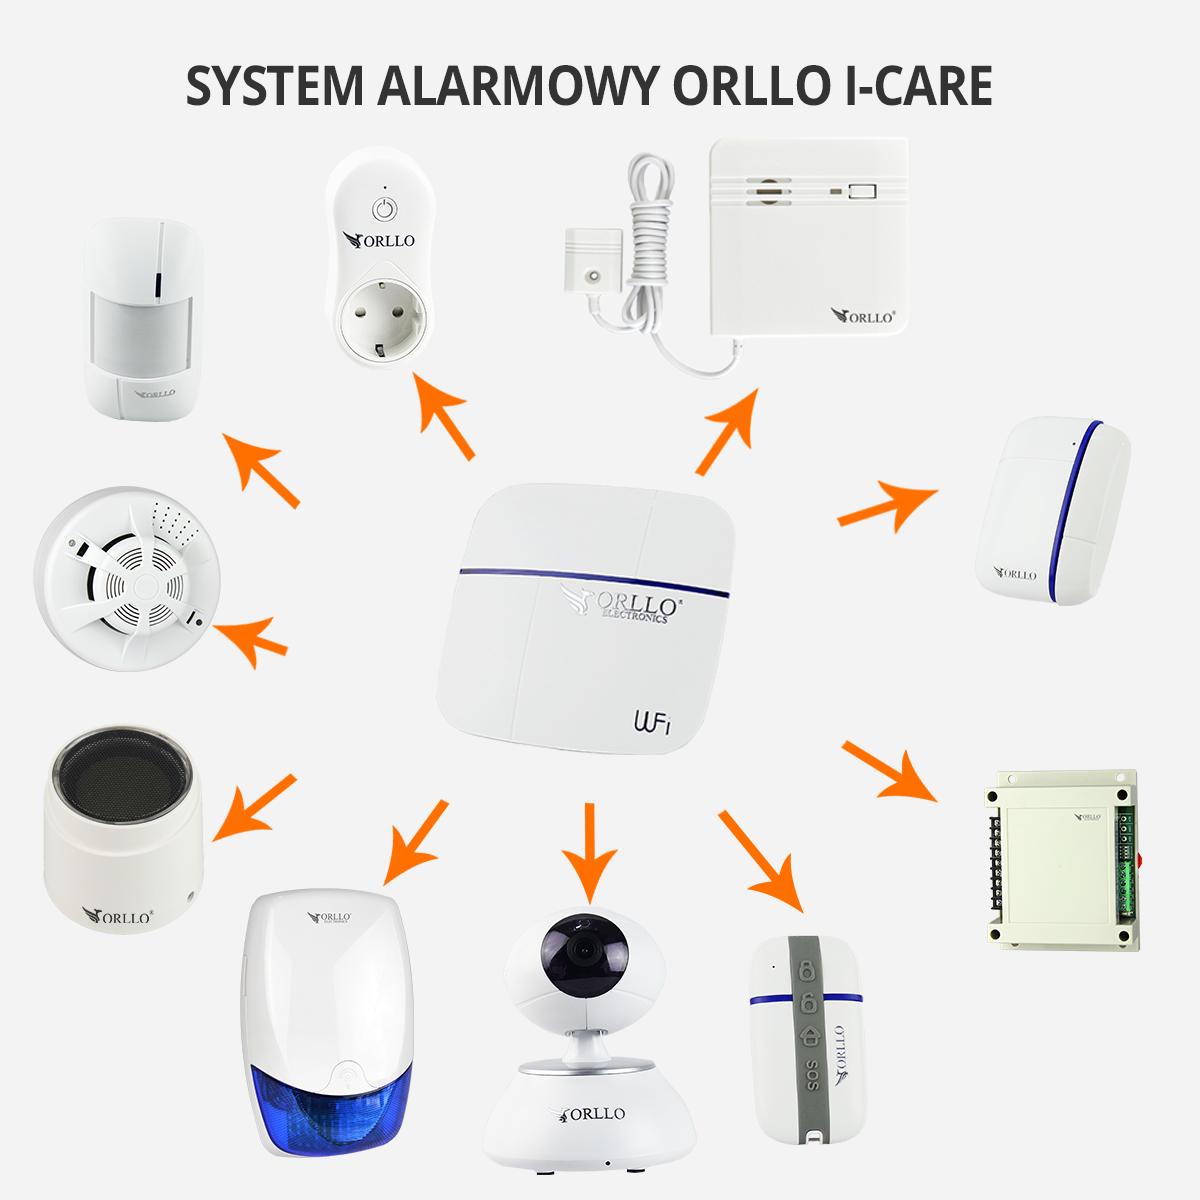 System Alarmowy I-care akcesoria